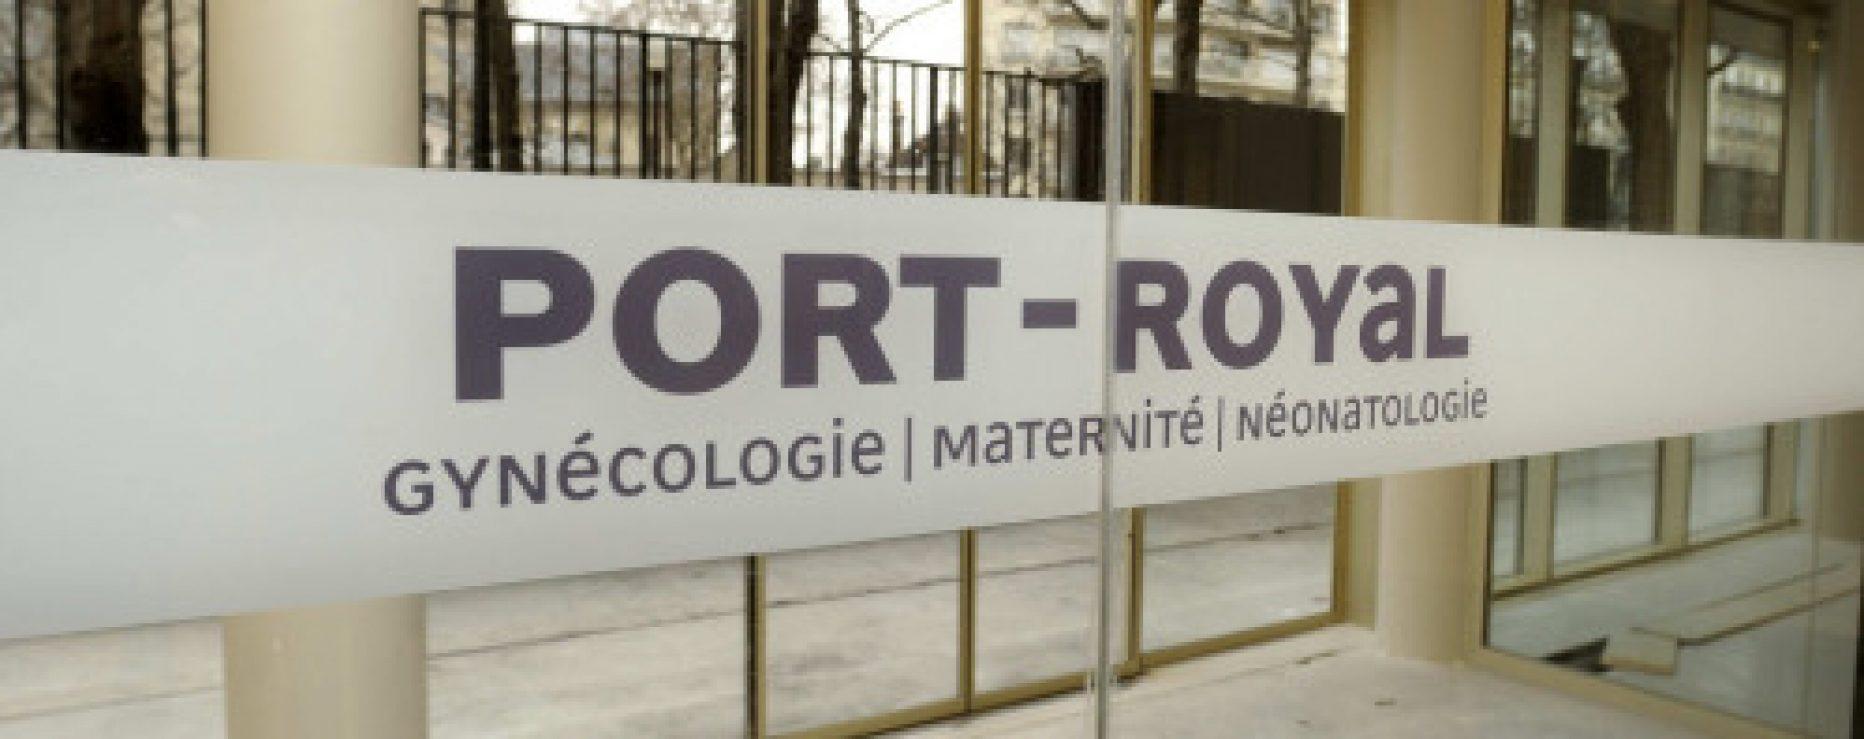 Maternités Baudelocque et Port-Royal